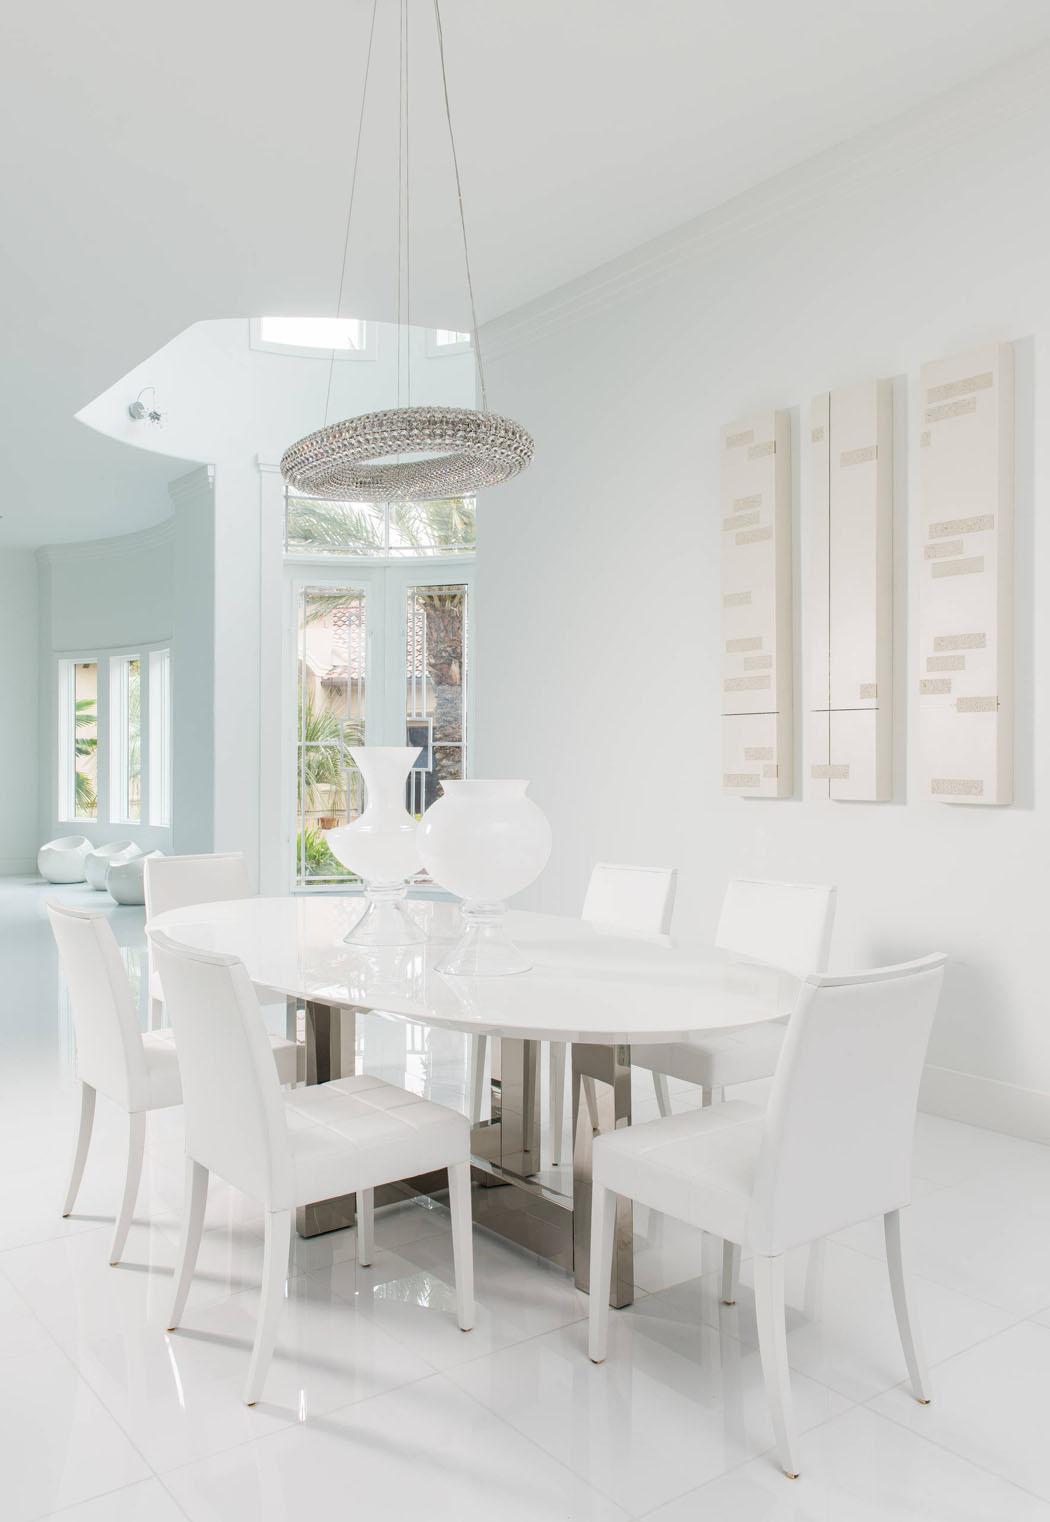 Interieur maison tout blanc maison moderne for Interieur maison moderne blanc